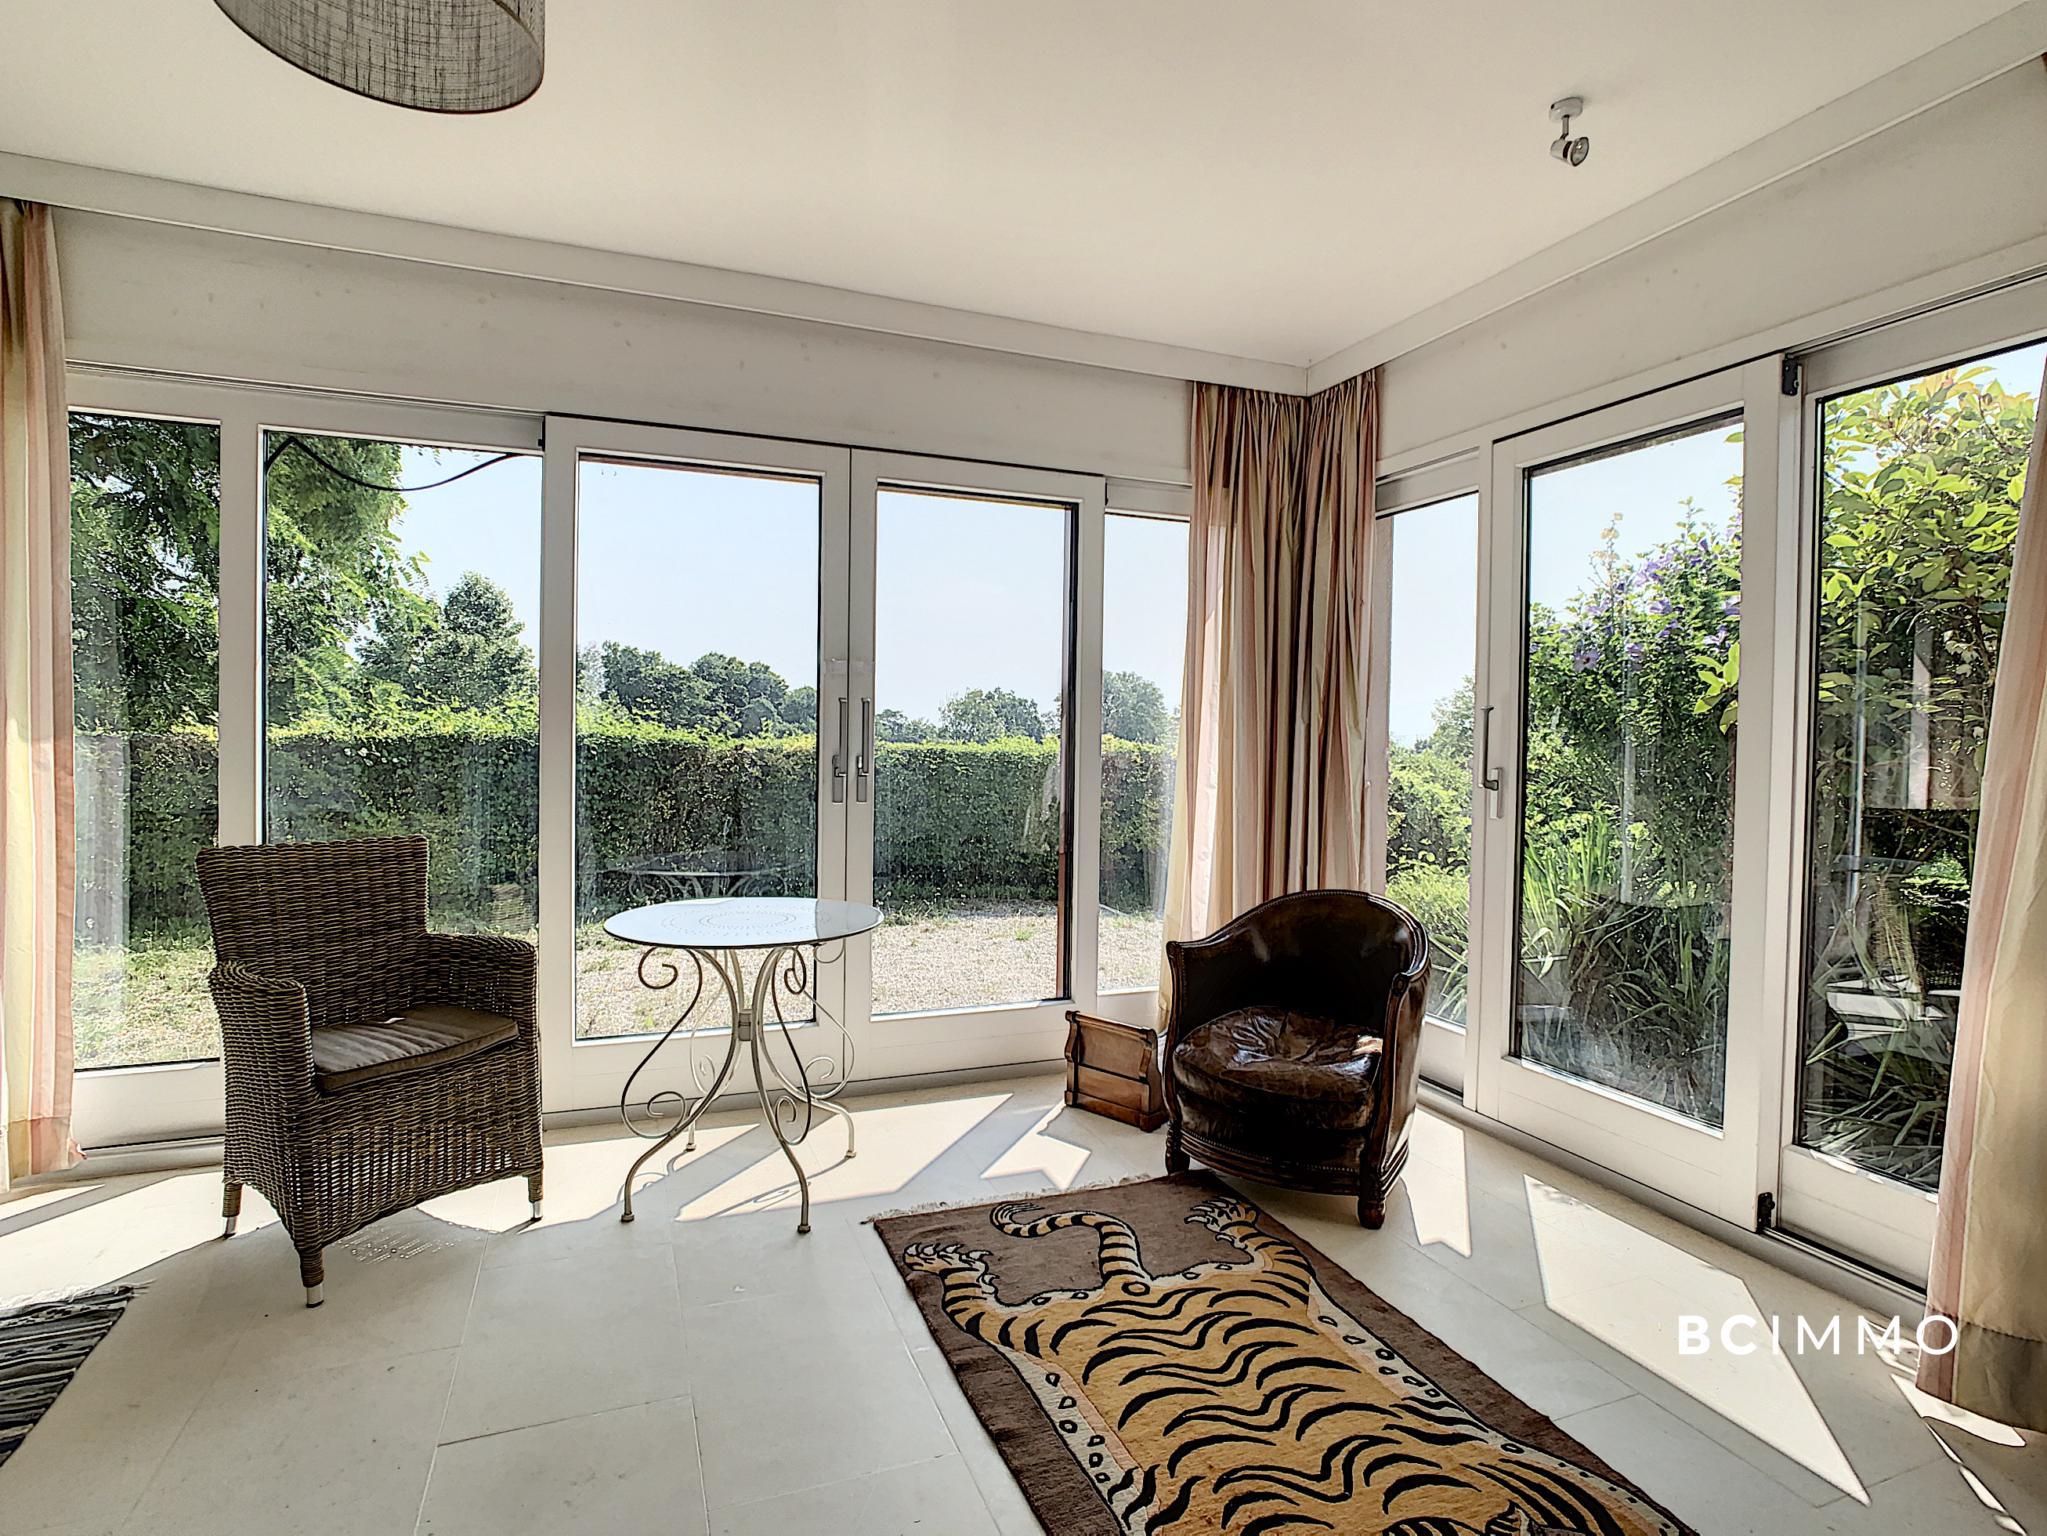 BC Immo - Villa de charme avec piscine - Beautiful property in Vich - M-21-006